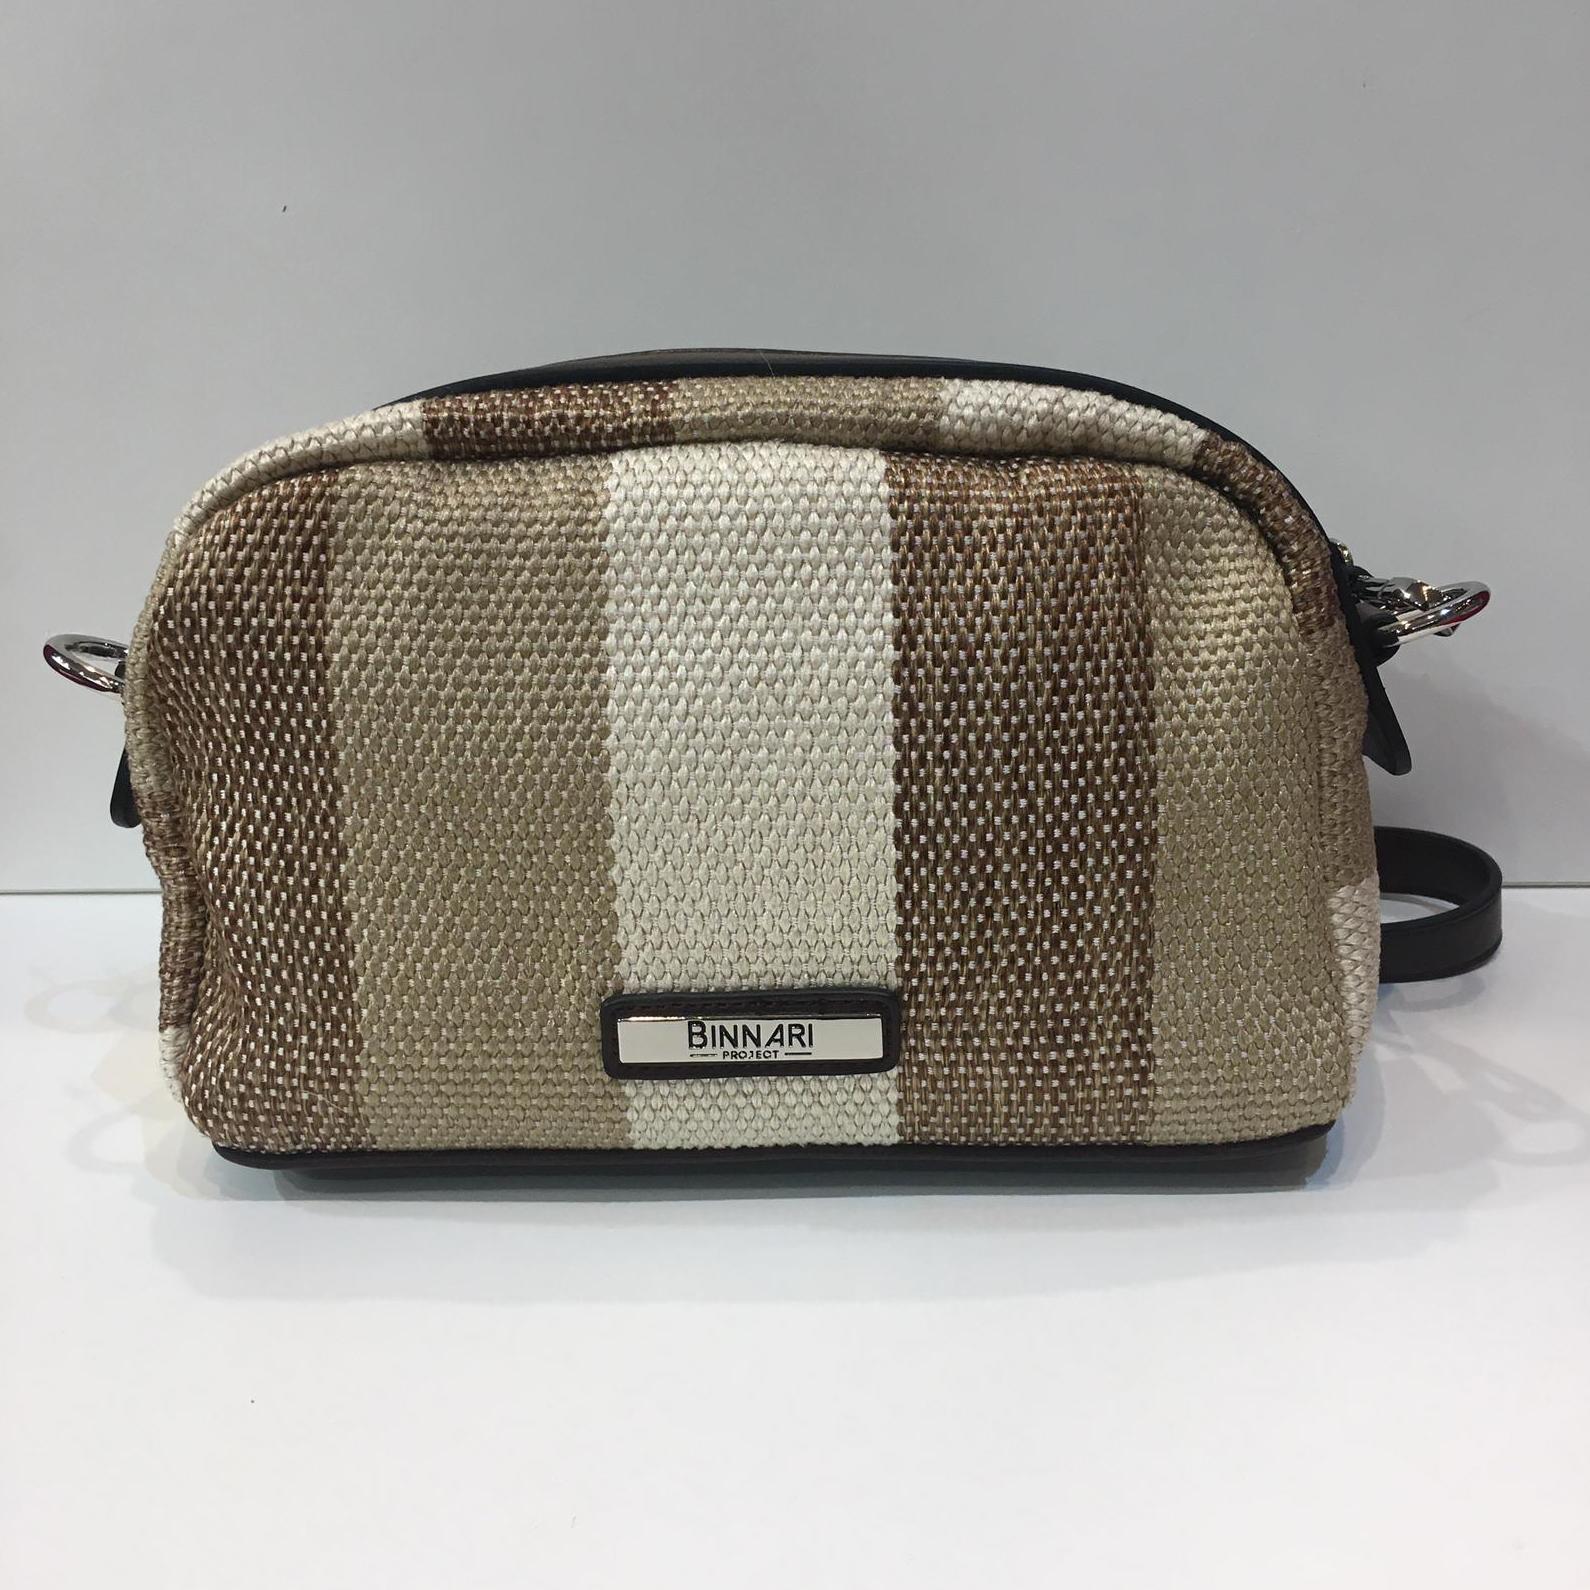 Bossa de la marca Binnari, de mida petita, de saca, amb tira llarga per creuar adaptable a totes les mides 35€